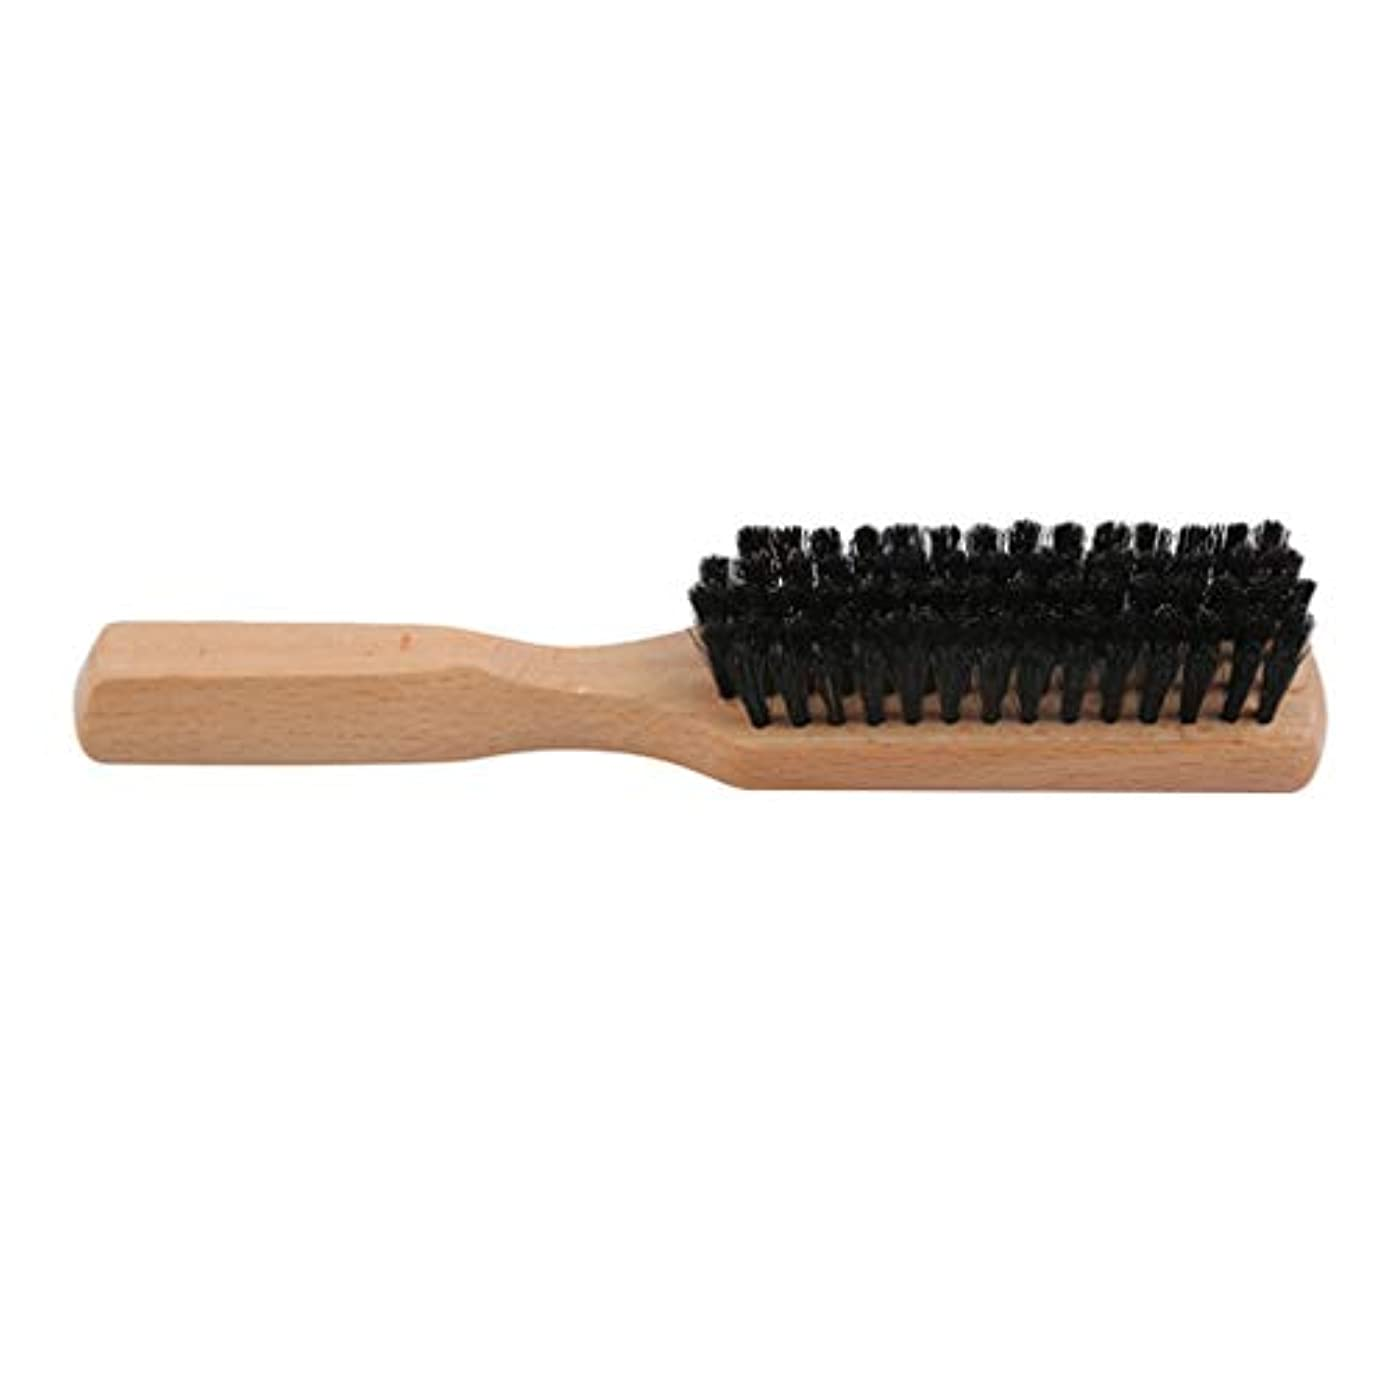 ロープ真鍮葉Cngstar シェービング用ブラシ シェービングブラシ メンズ 洗顔 理容 洗顔 髭剃り